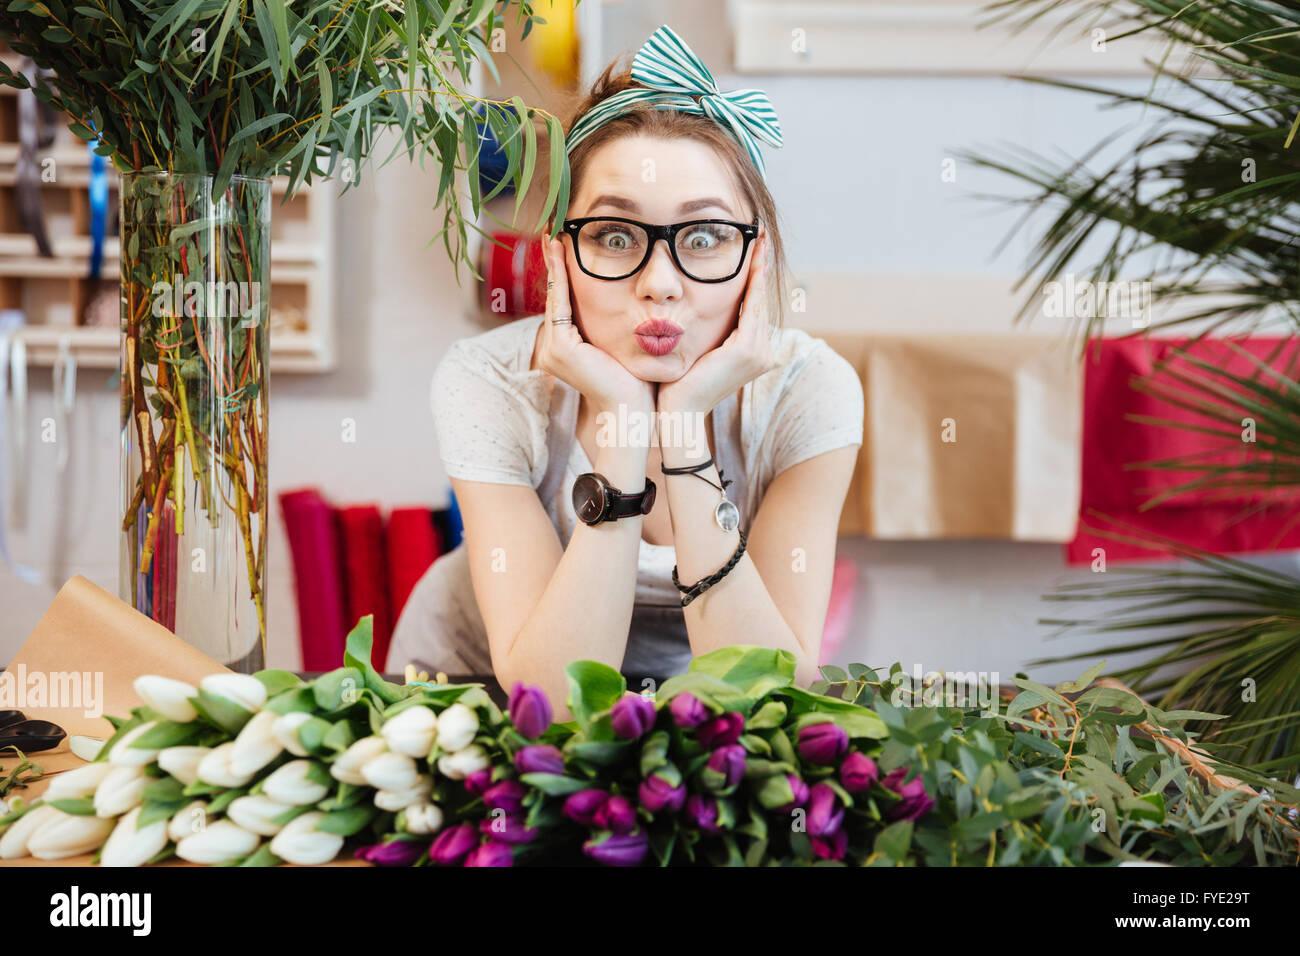 Porträt des charmanten amüsante junge Frau Blumengeschäft Blumenladen lustiges Gesicht stehen bei Stockfoto